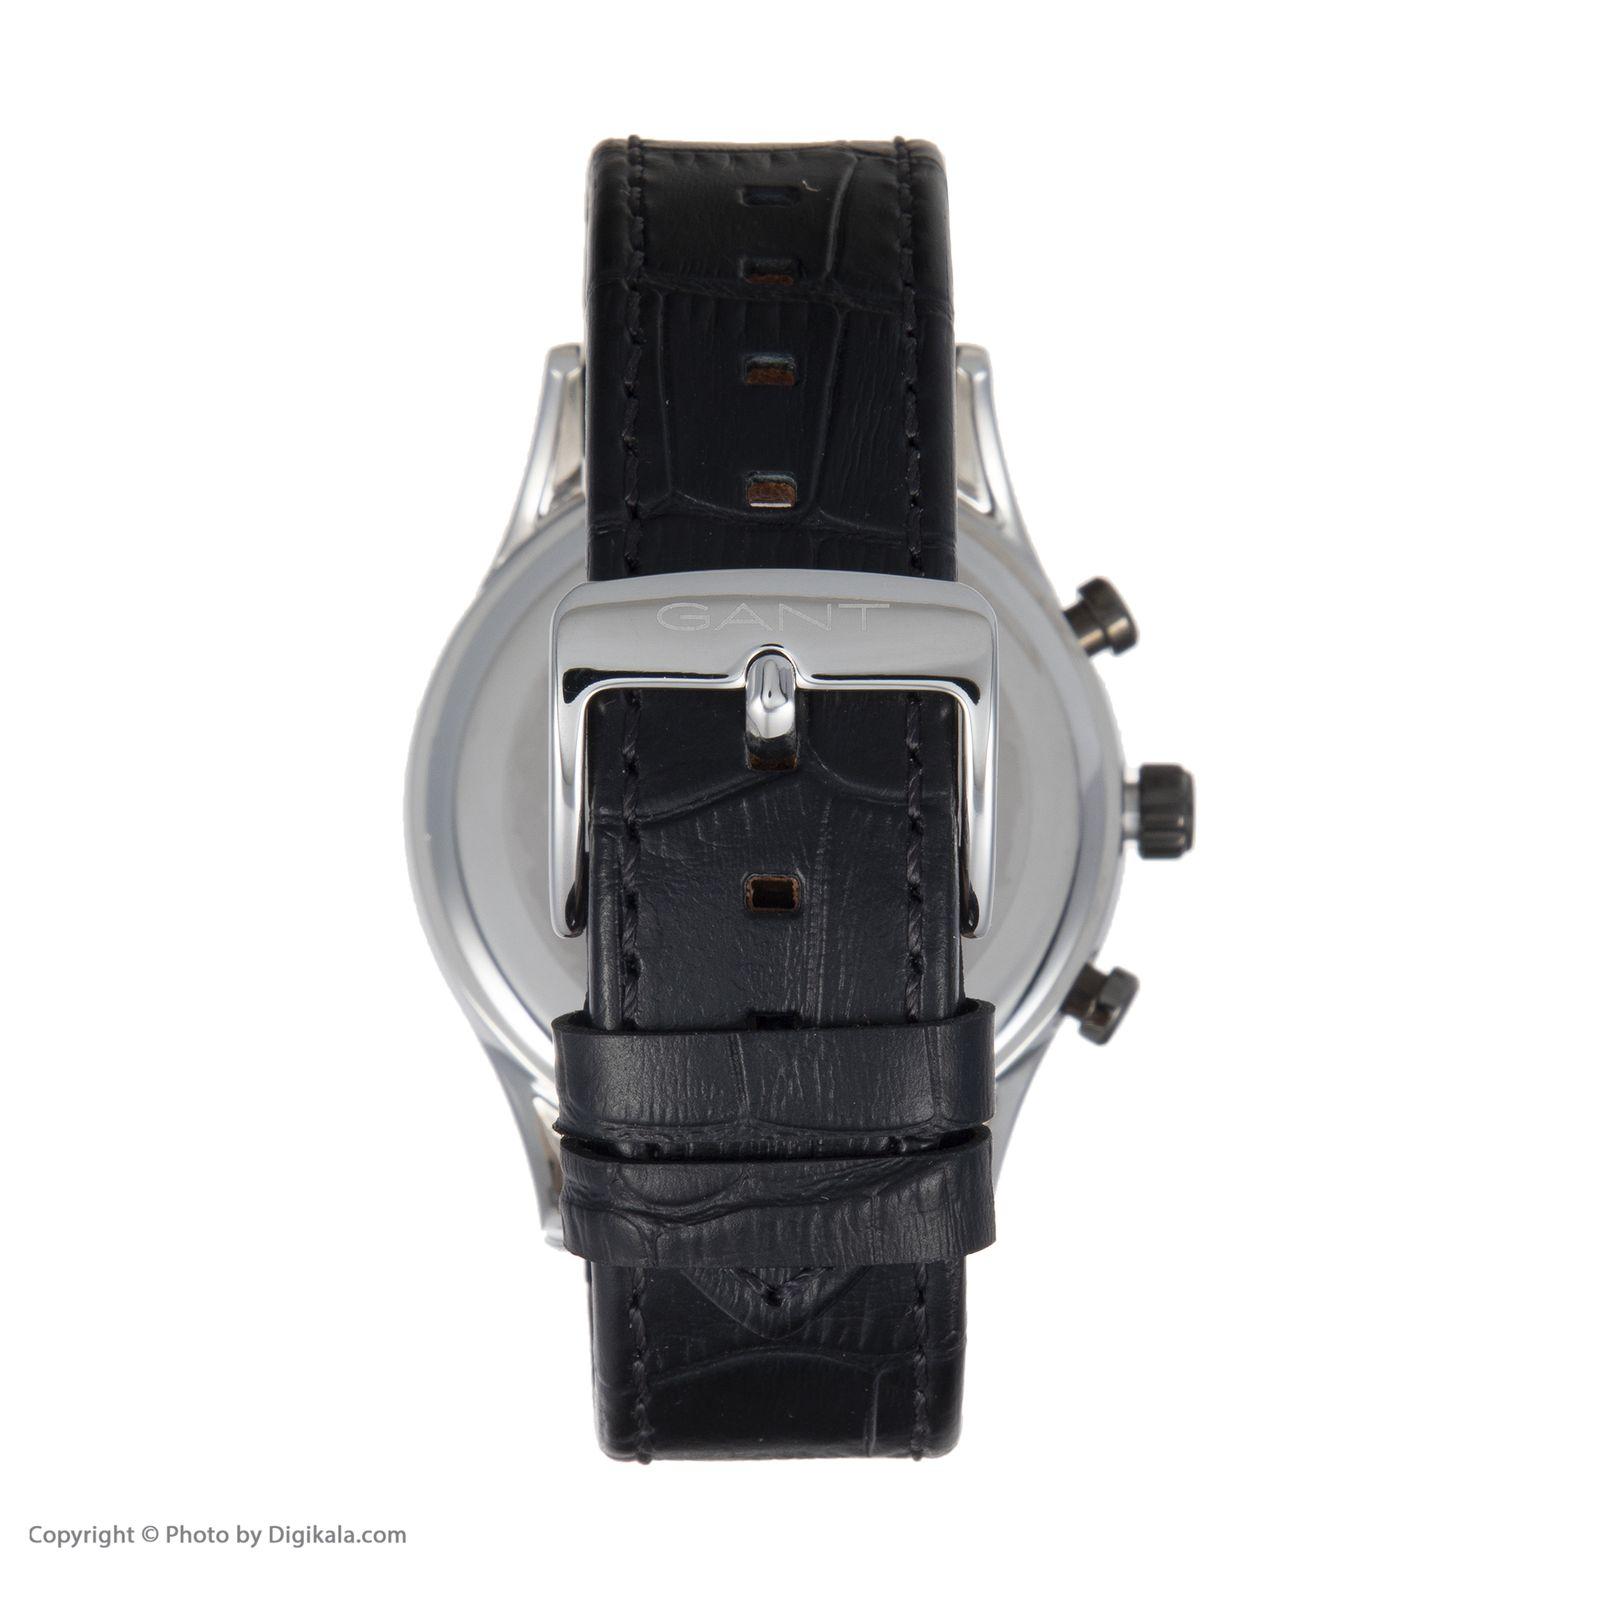 ساعت مچی عقربه ای مردانه گنت مدل GW005020 -  - 5